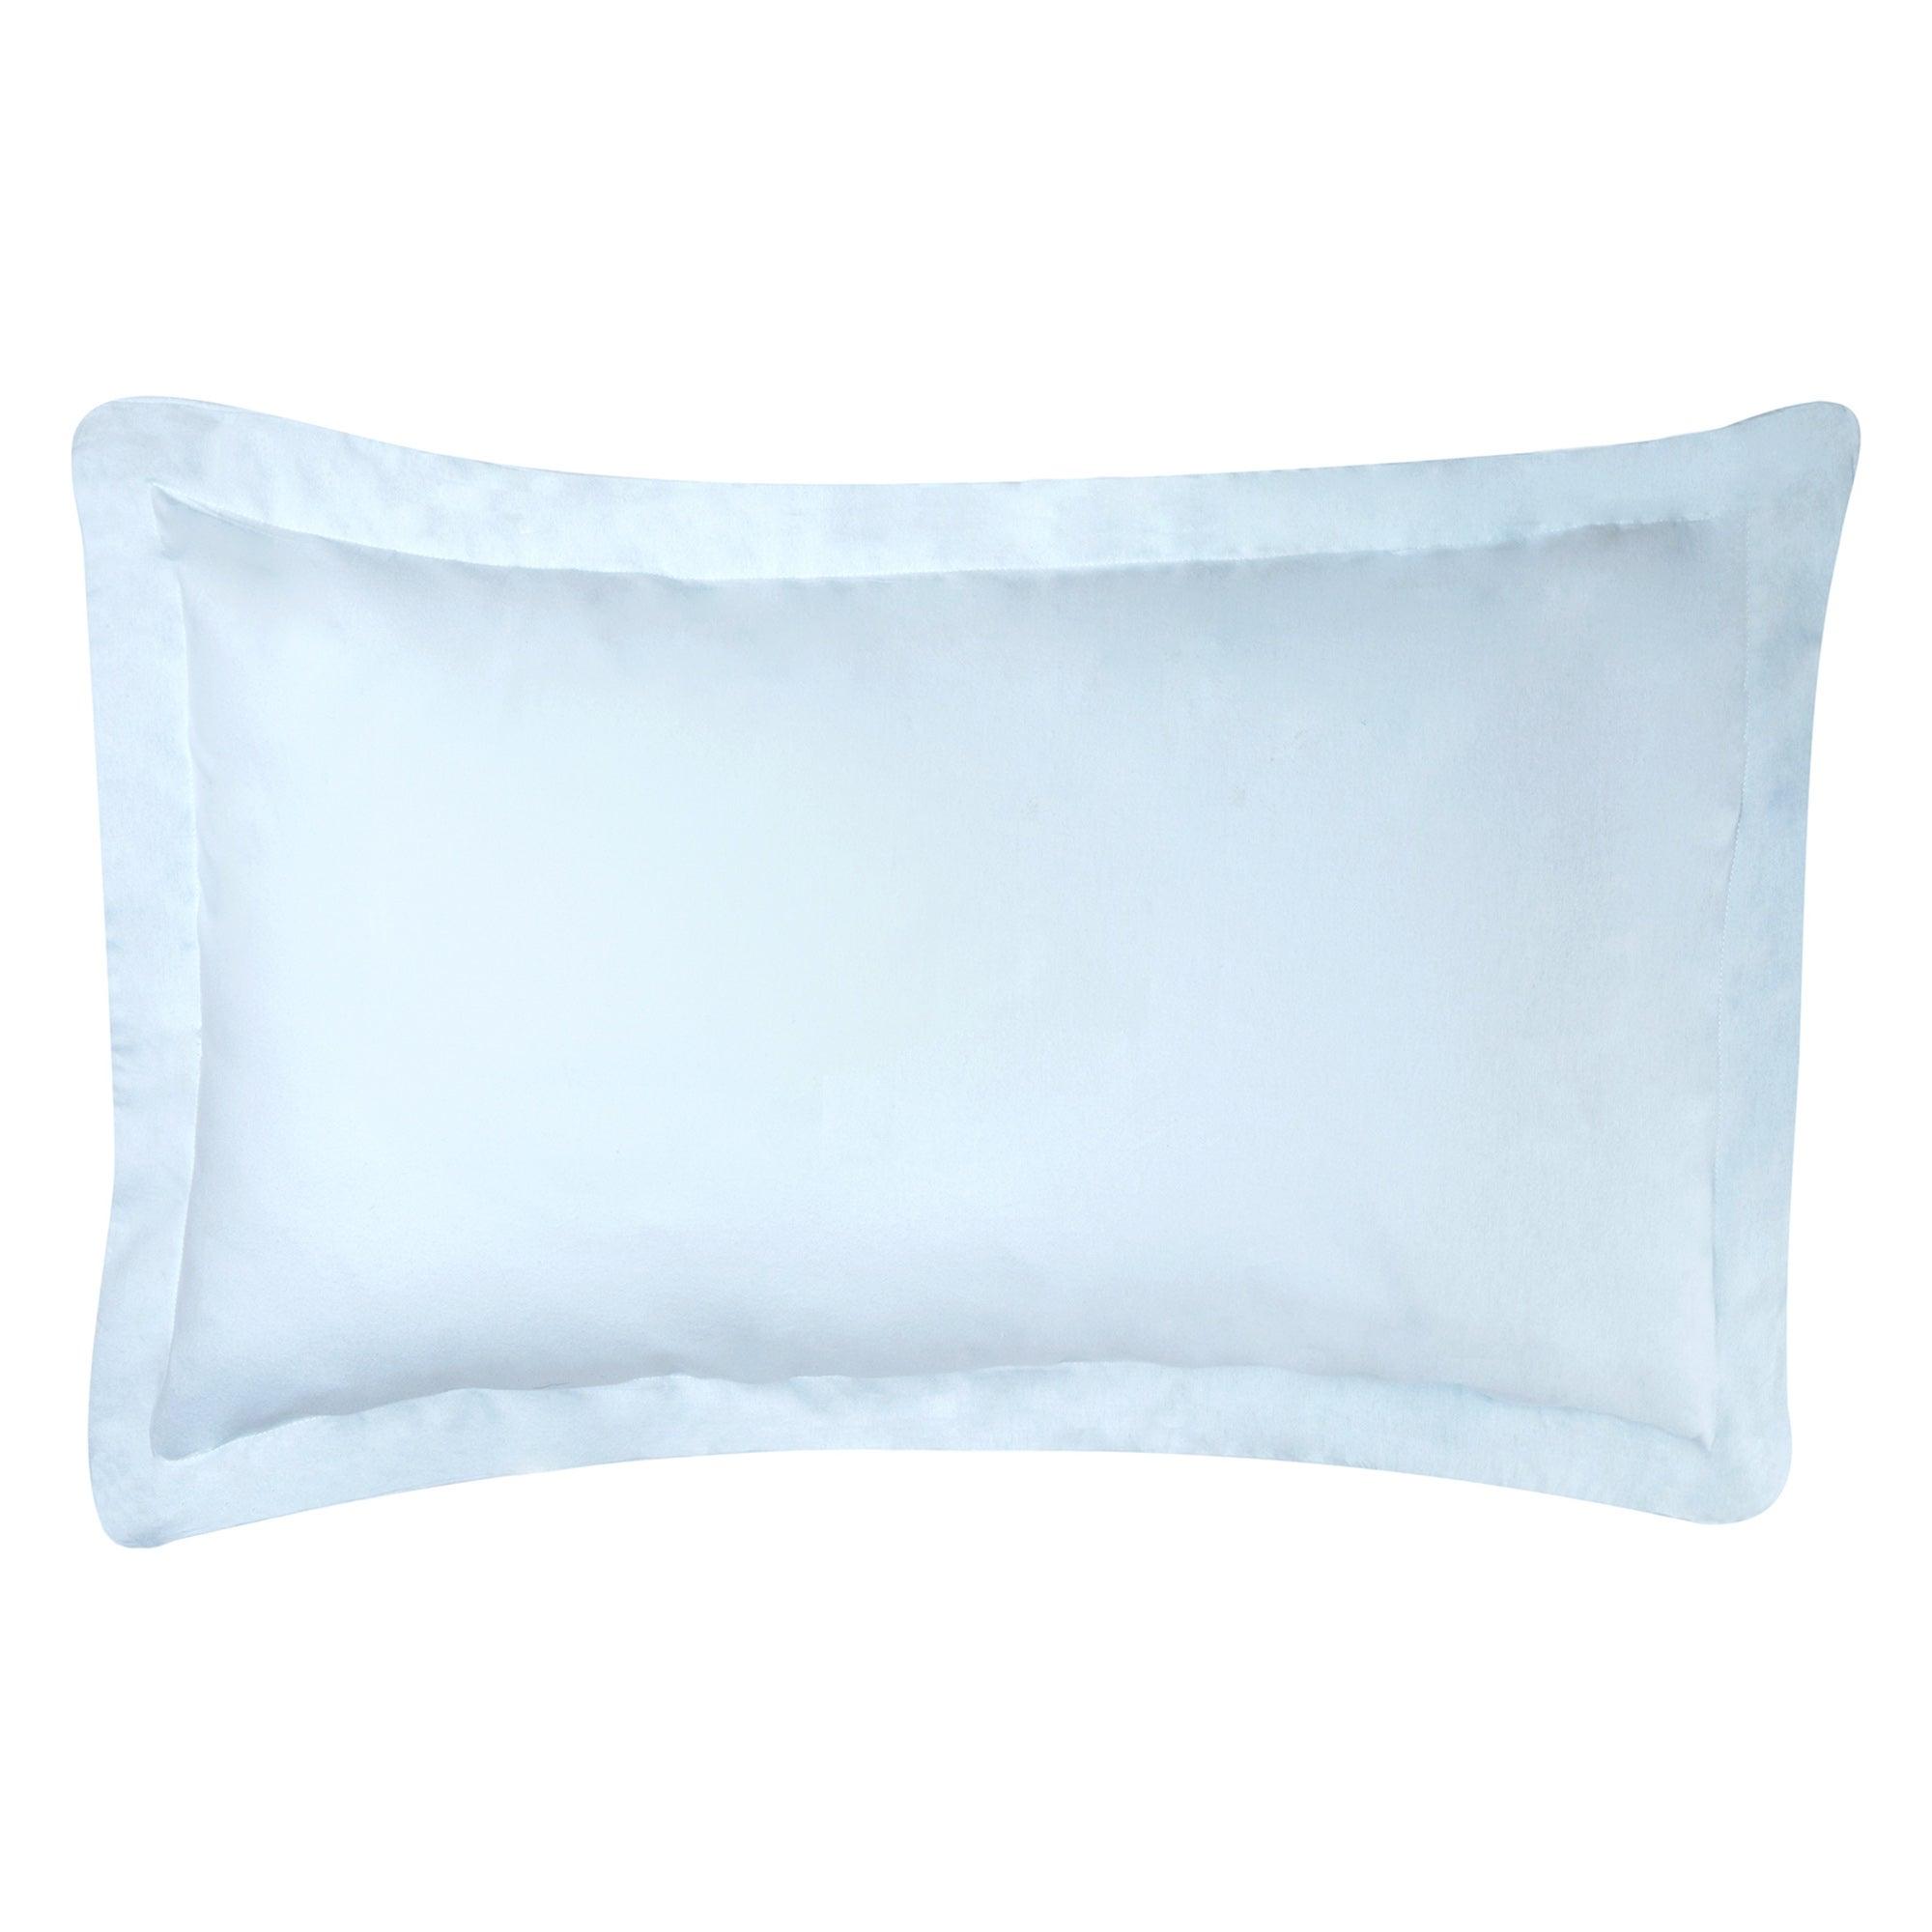 Dorma Duck Egg Velvety Soft Oxford Pillowcase